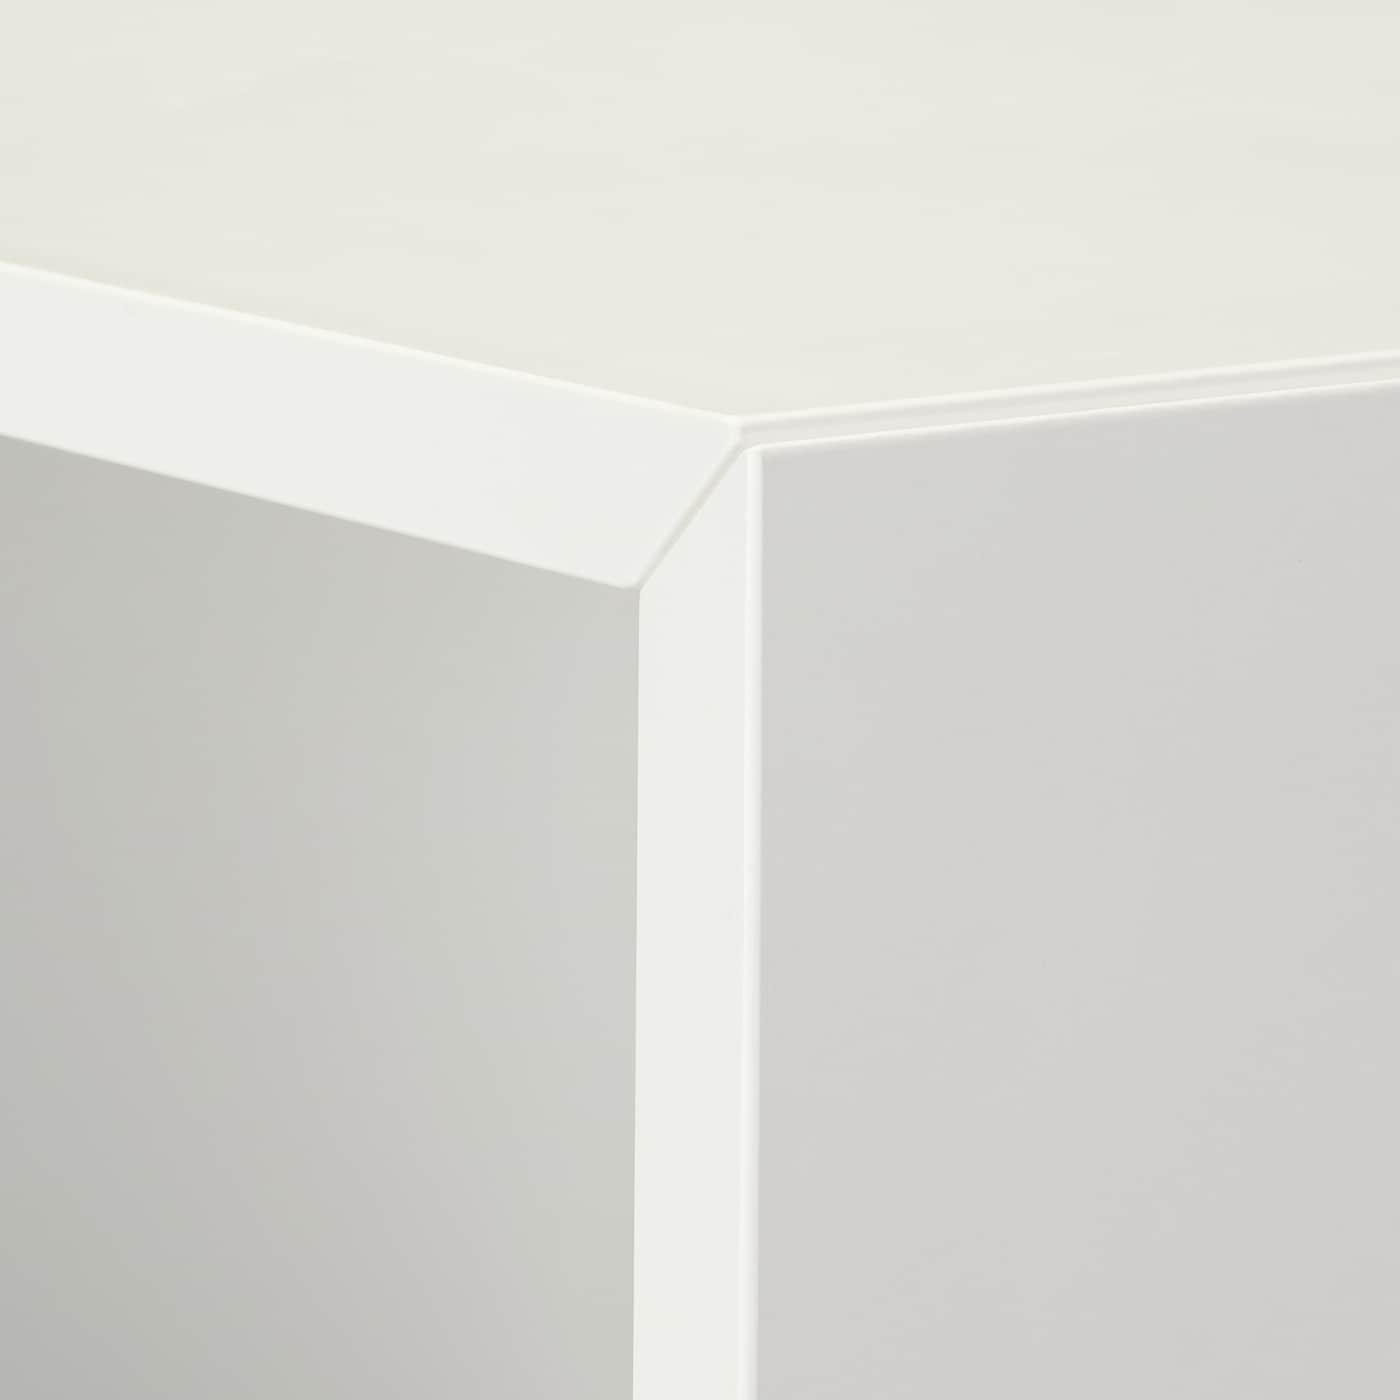 EKET Kubo-apalategia, zuria, 175x25x70 cm